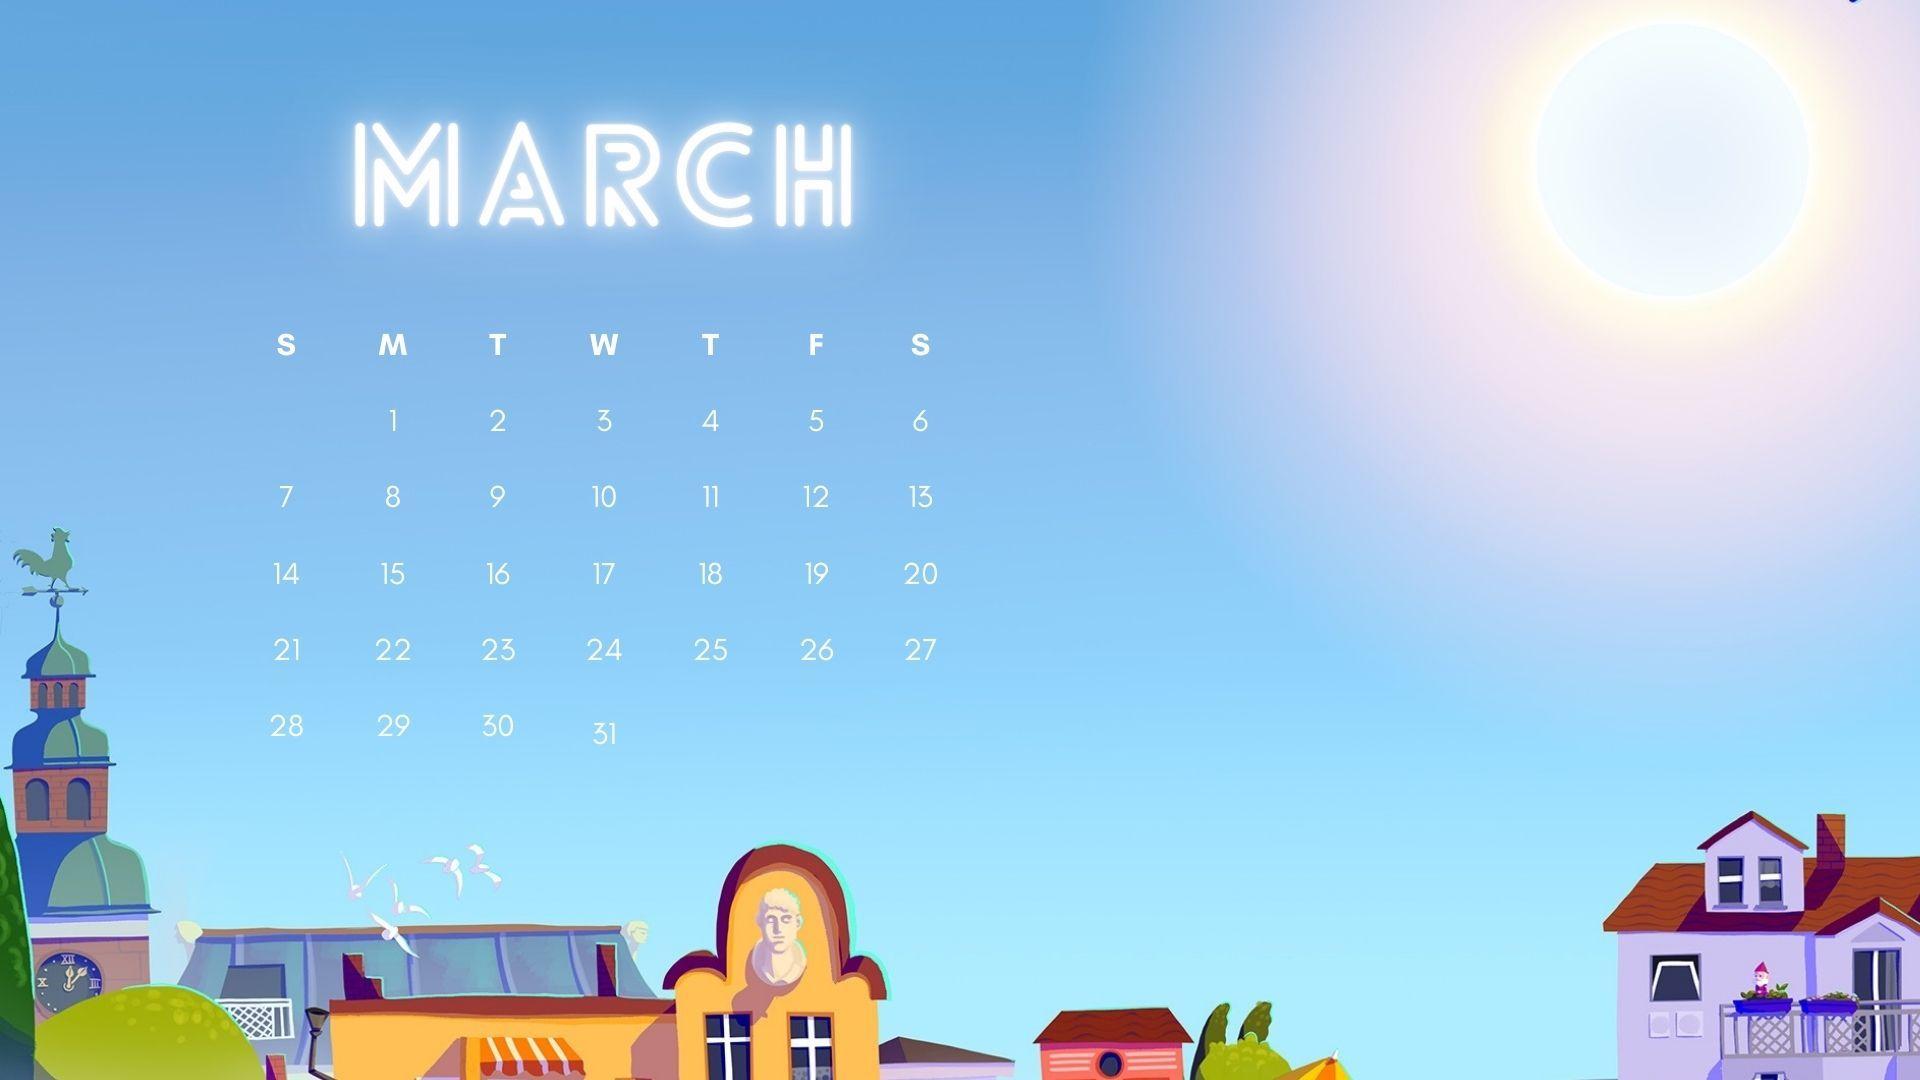 March 2021 Wallpaper Calendar